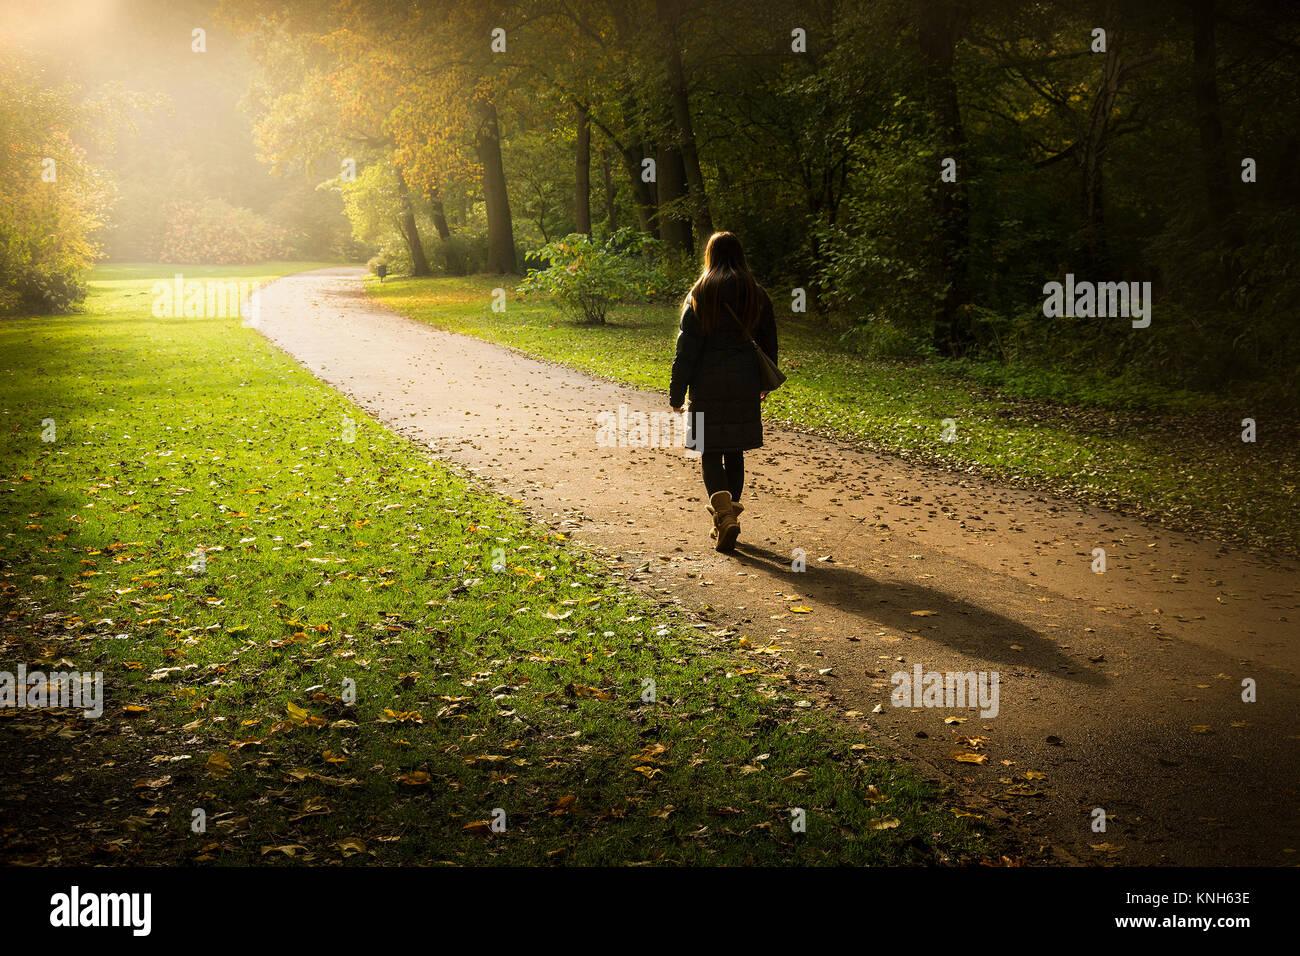 Walking around Tiergarten Volkspark in Berlin, Germany. - Stock Image